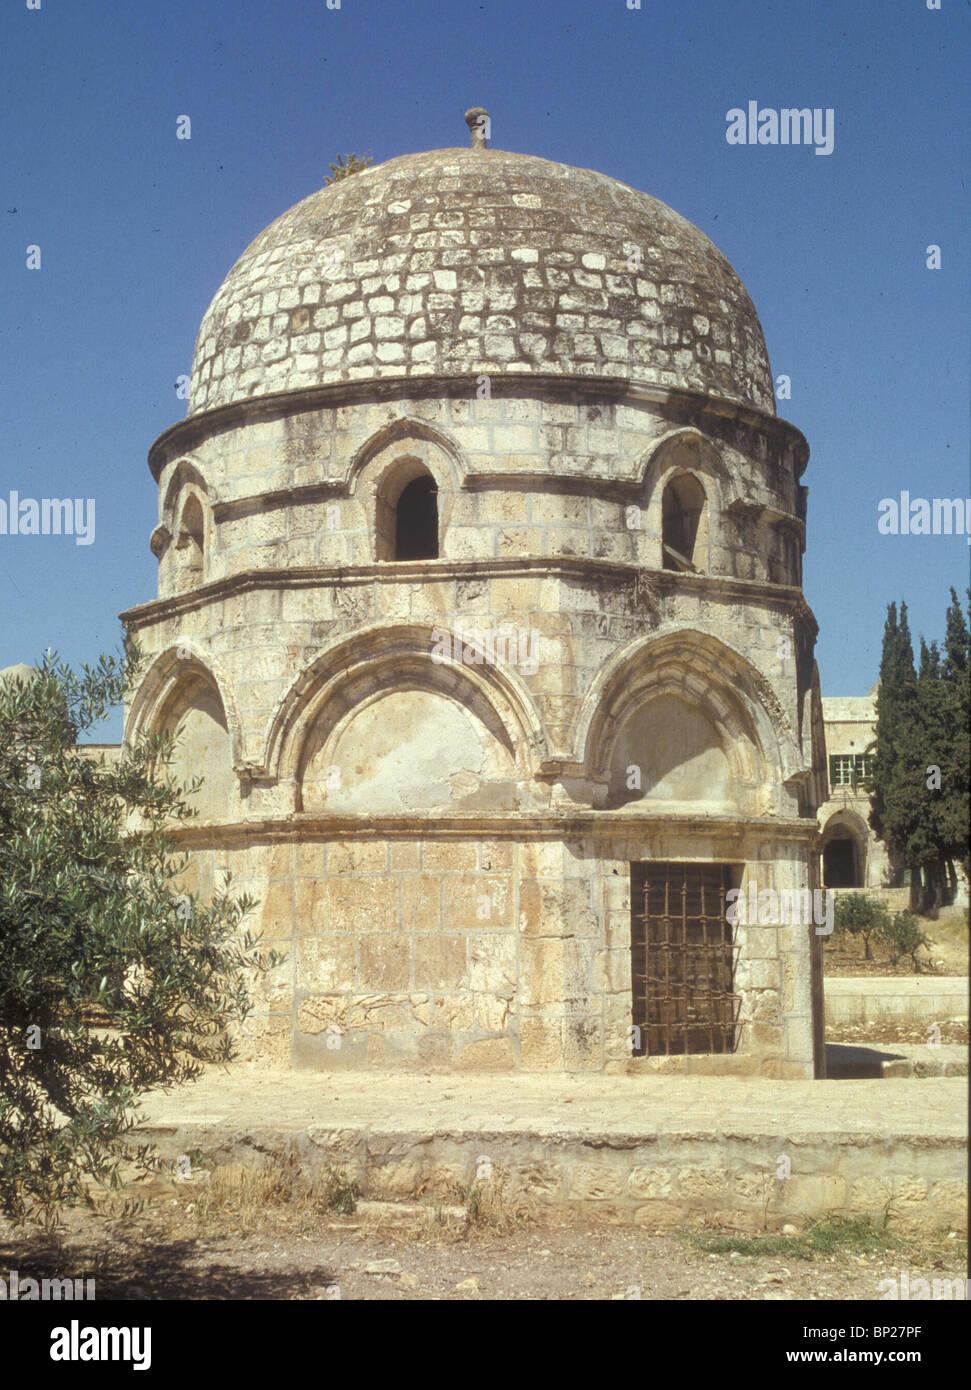 Mont du Temple - dans la tradition chrétienne, cet édifice est appelé CHRIST'S CHAIR IL A ÉTÉ Photo Stock